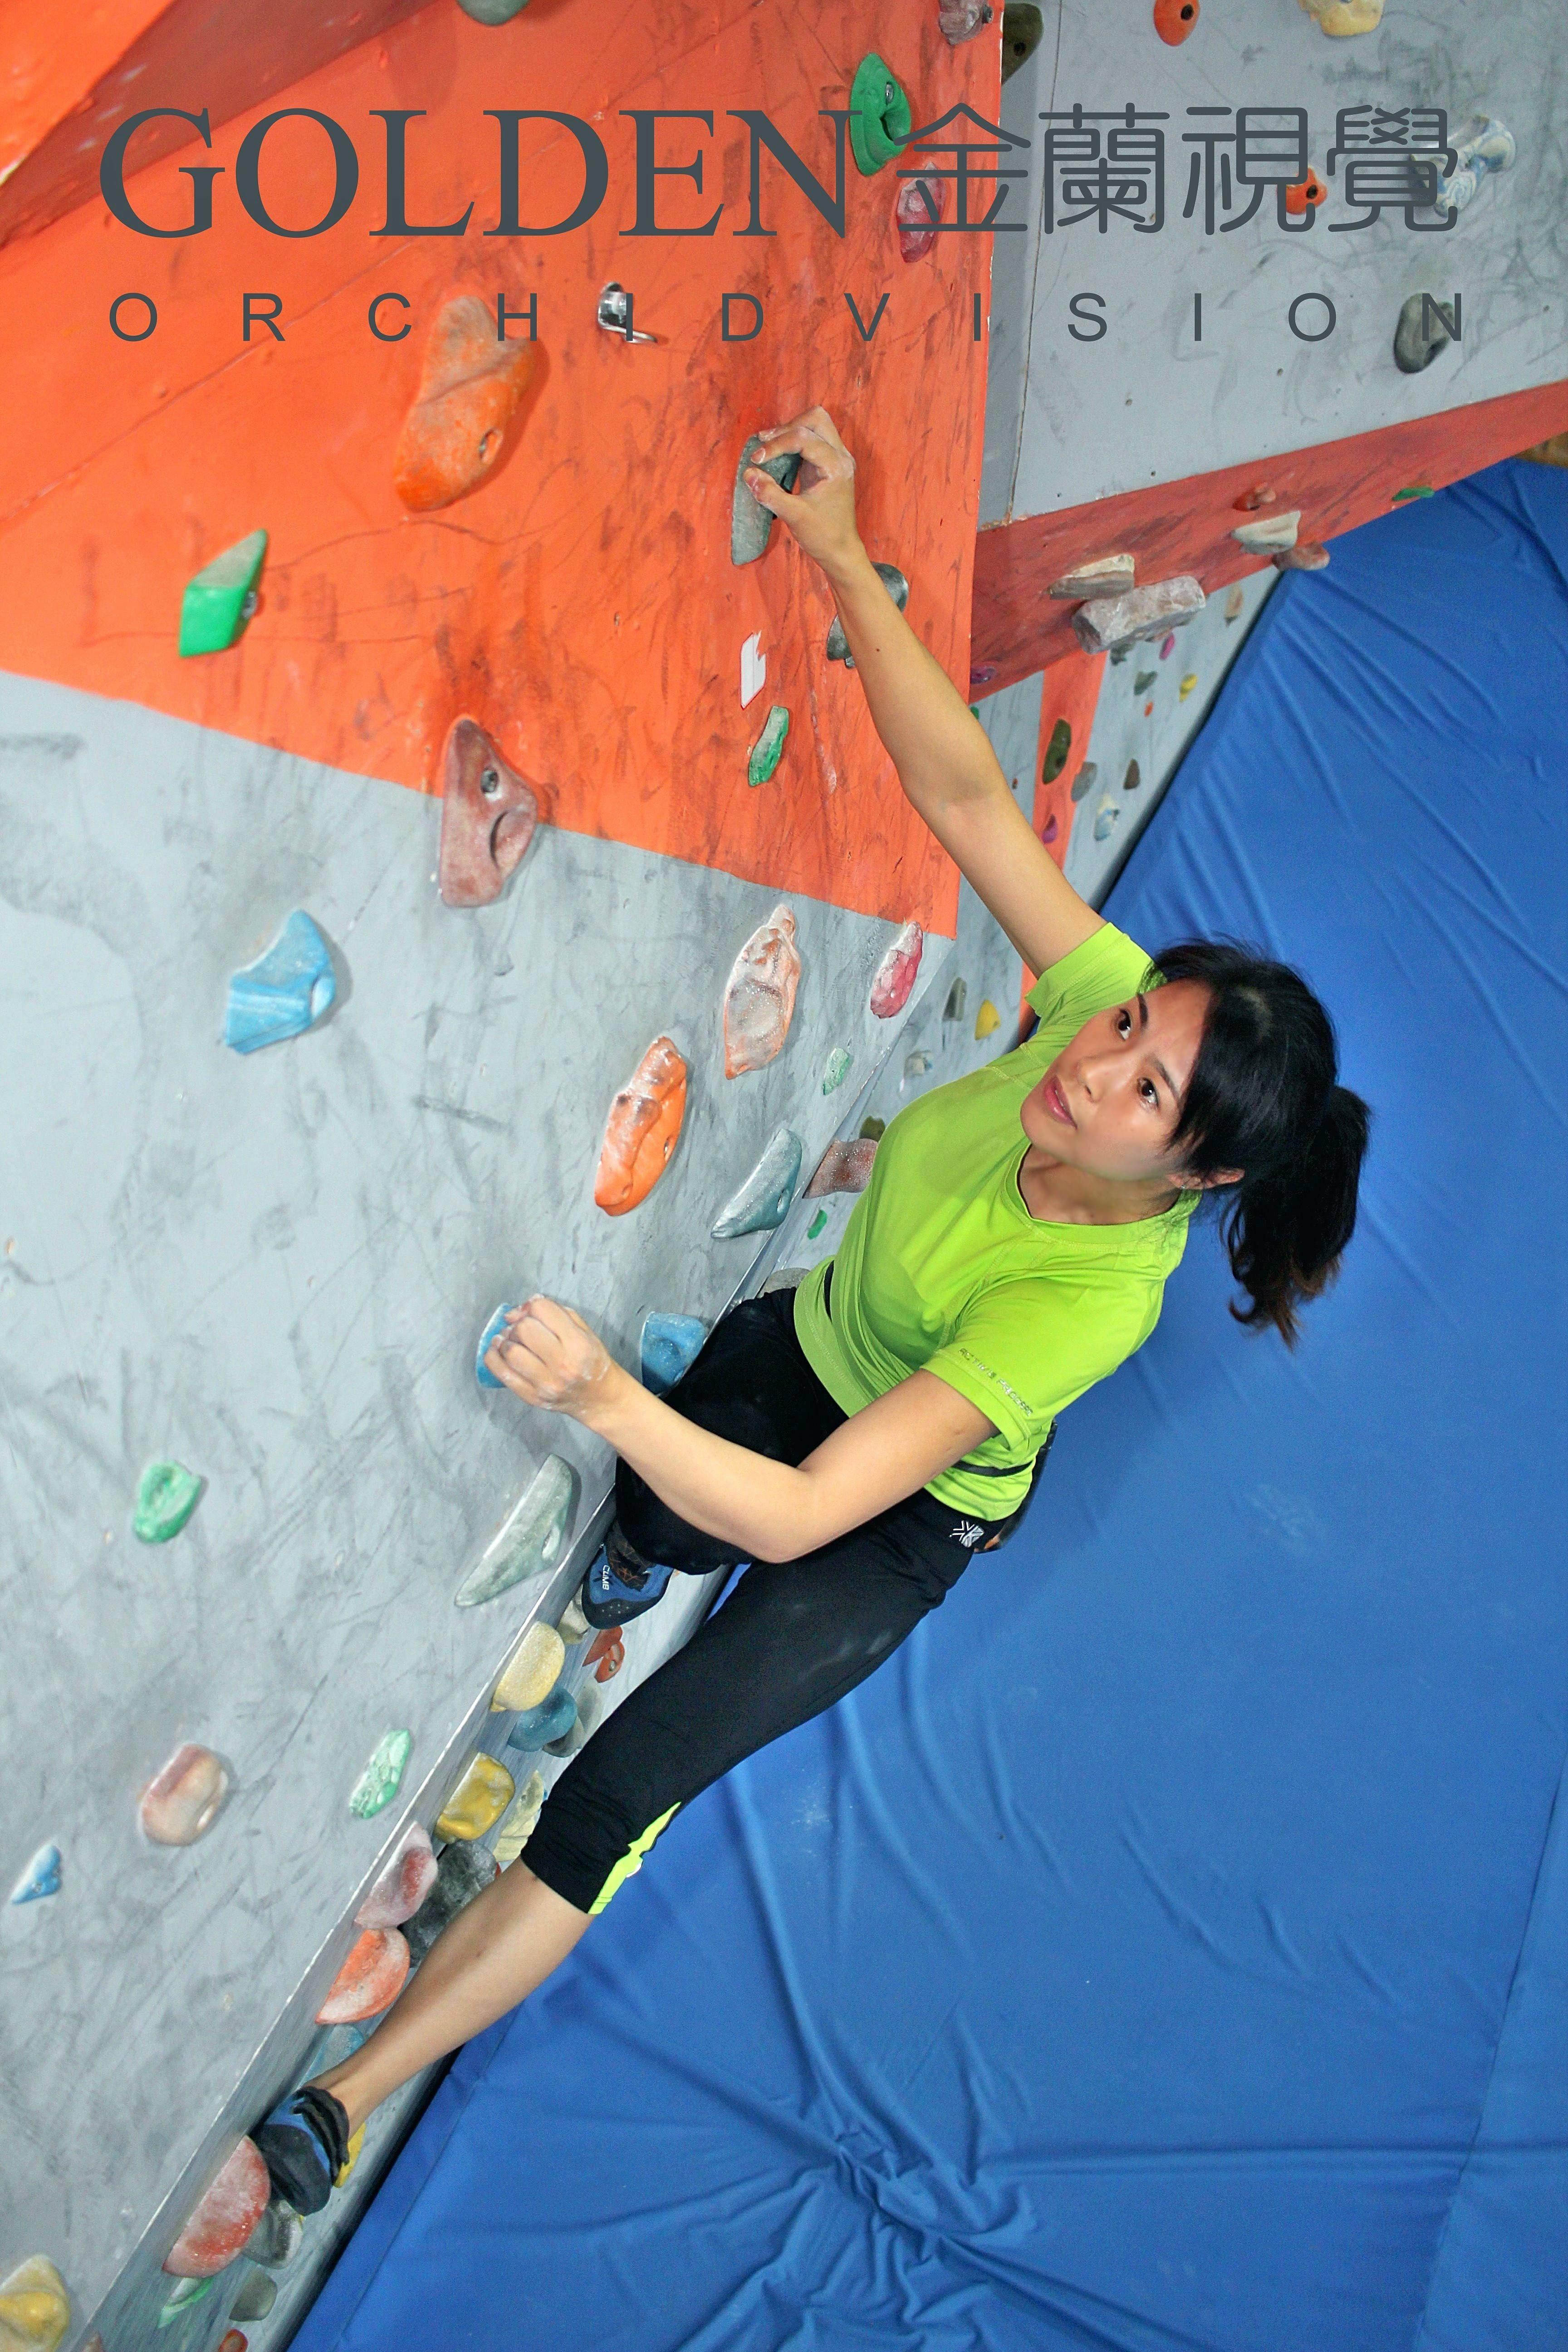 亲爱的女士们…三八妇女节免费体验攀岩塑身运动